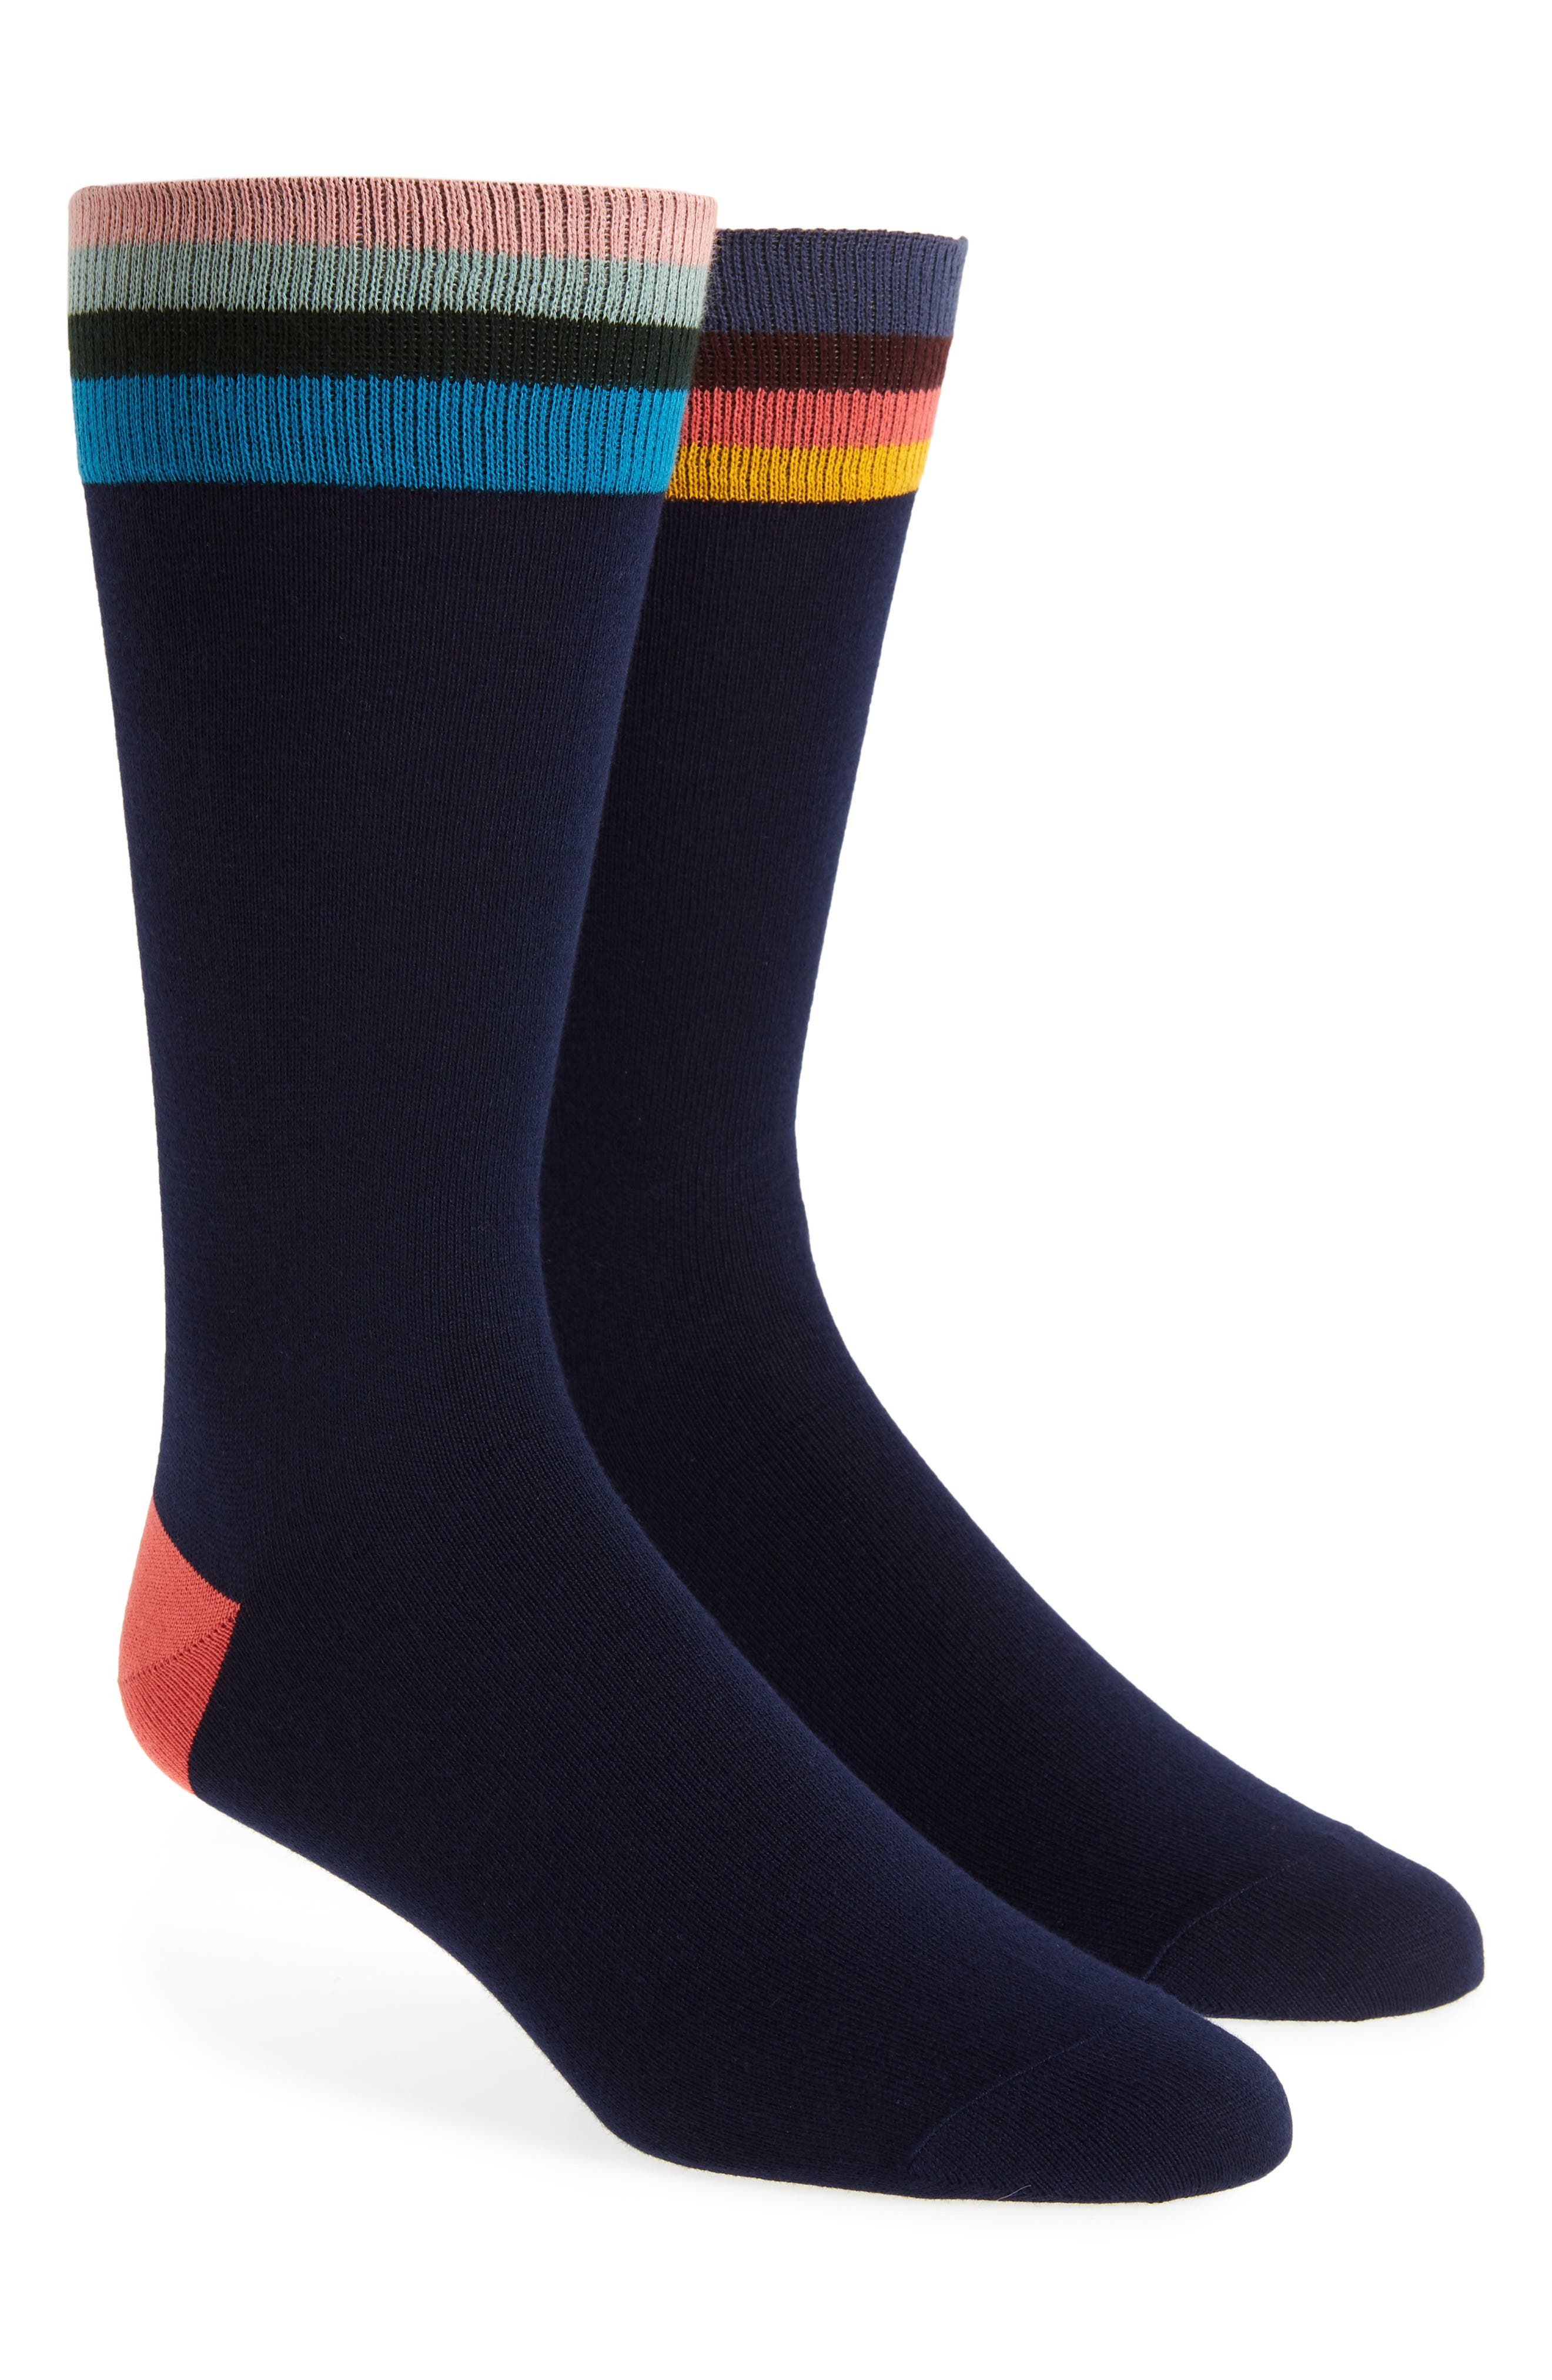 Mismatched Artist Top Socks,                         Main,                         color, BLACK MULTI